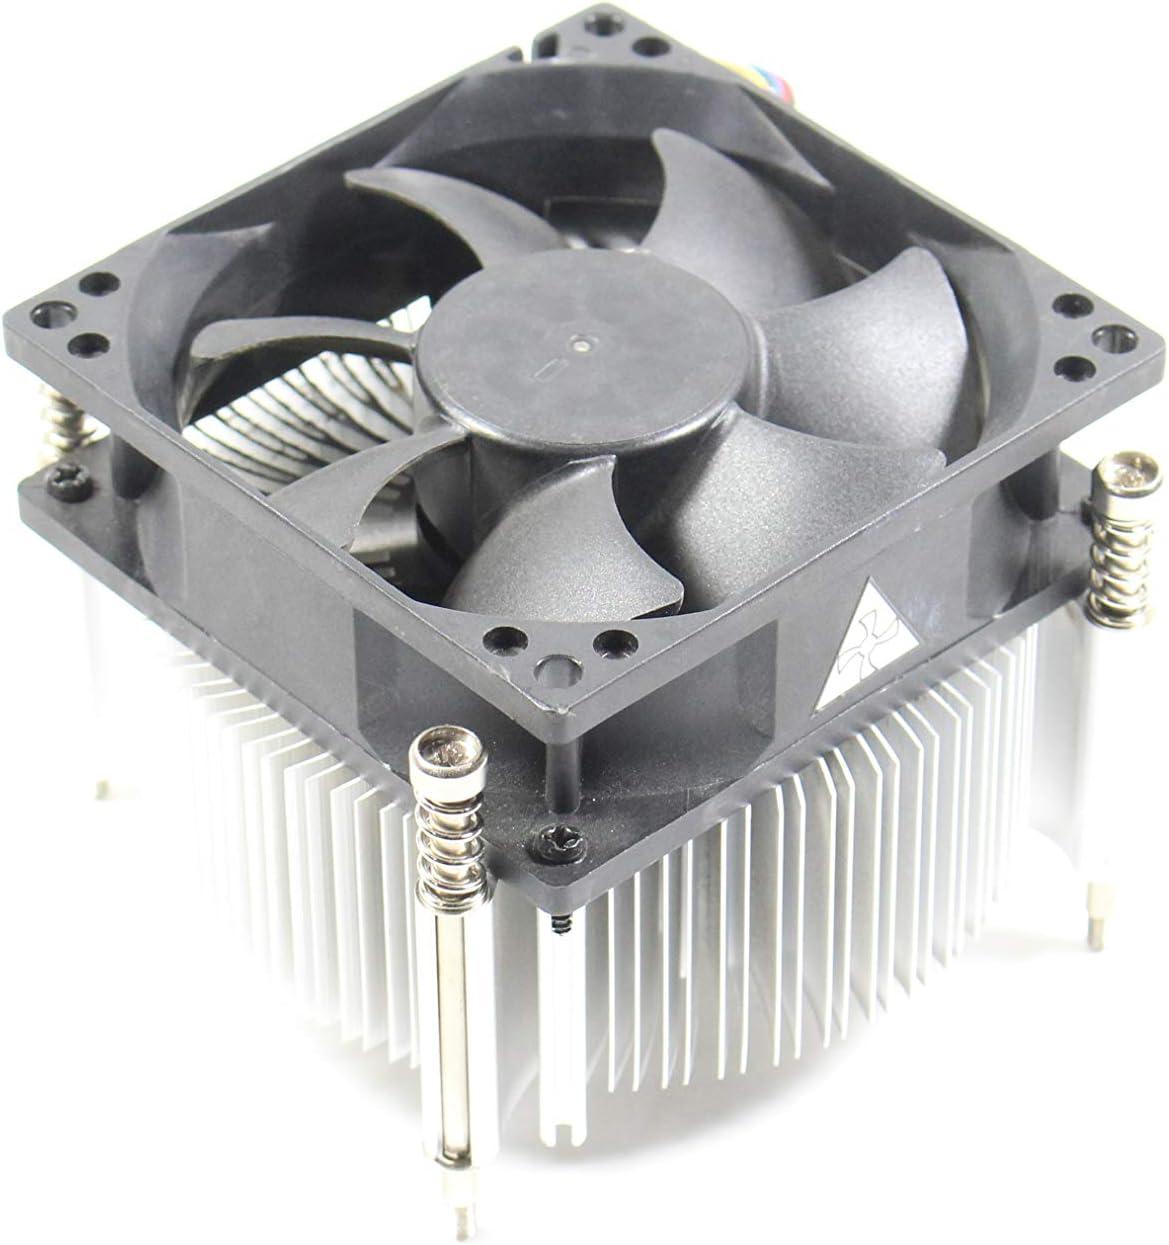 Dell WDRTF XPS 8300 Inspiron 620 CPU Heatsink & Fan 4-Pin